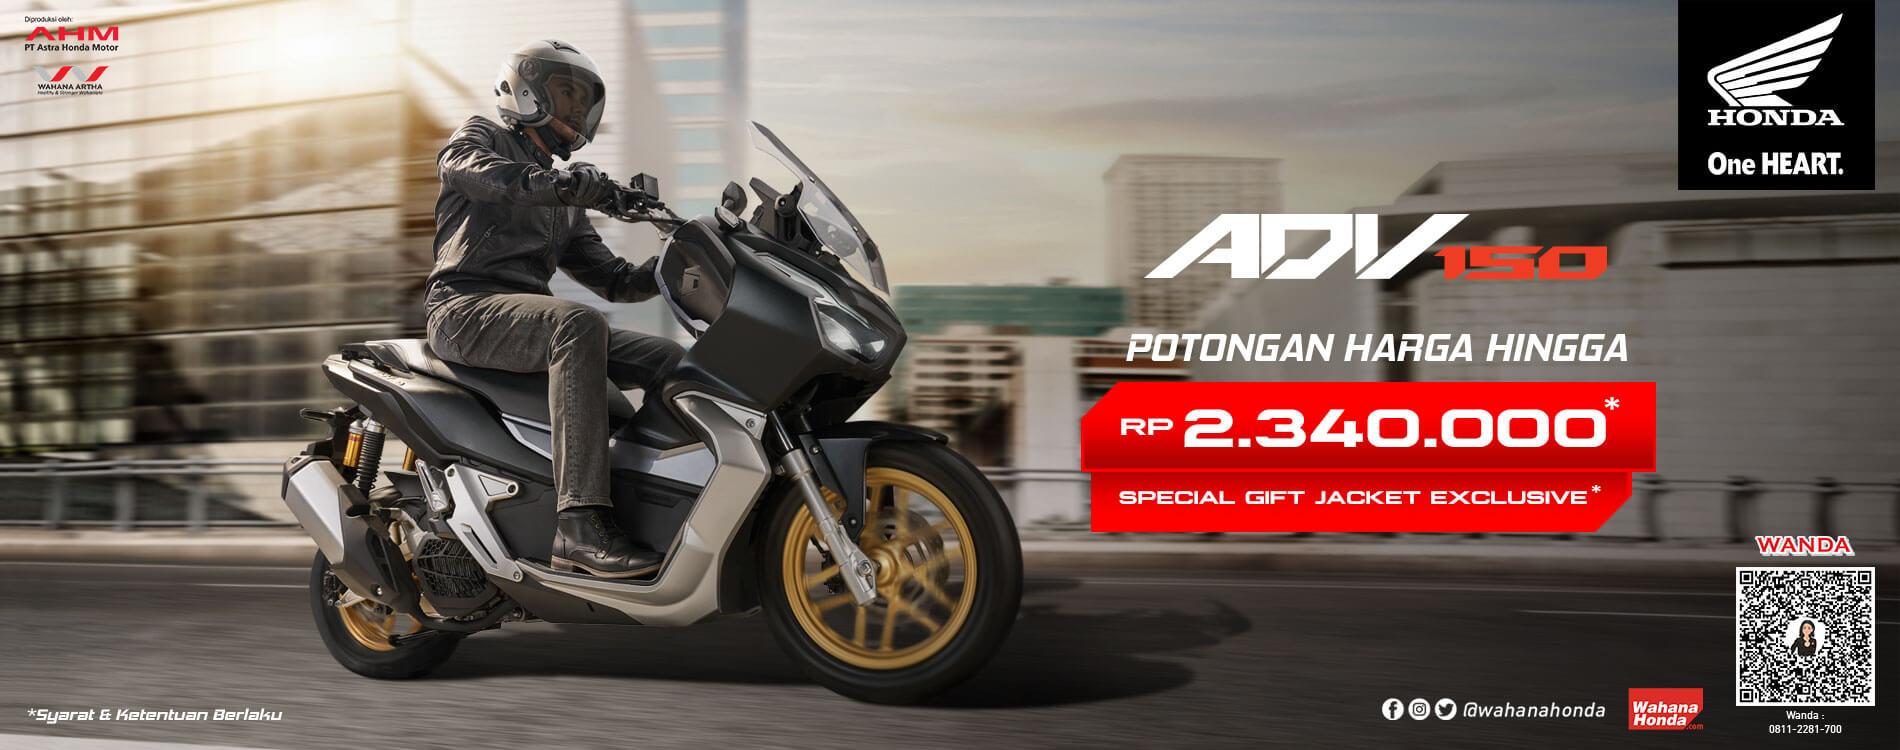 Promo Honda ADV 150 Periode September 2021